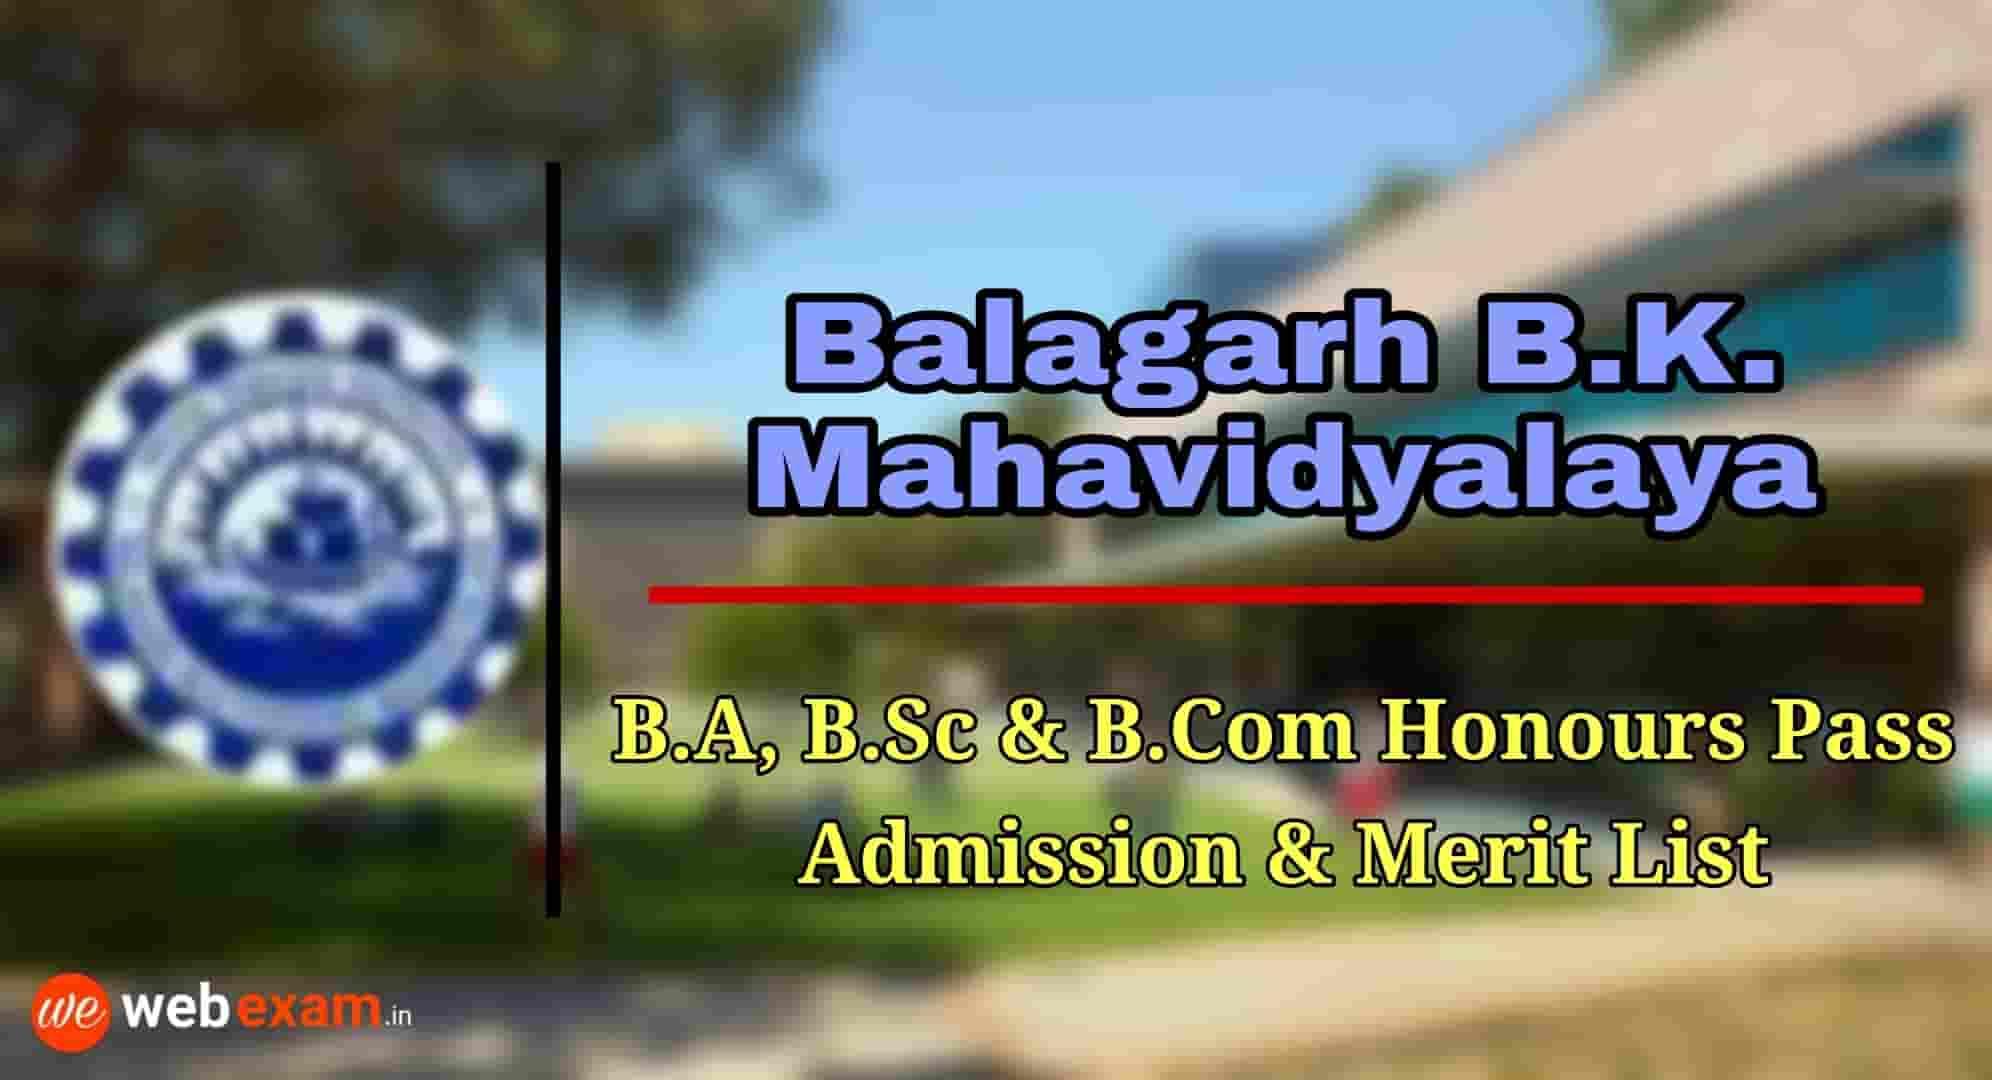 Balagarh Bijoy Krishna Mahavidyalaya Admission